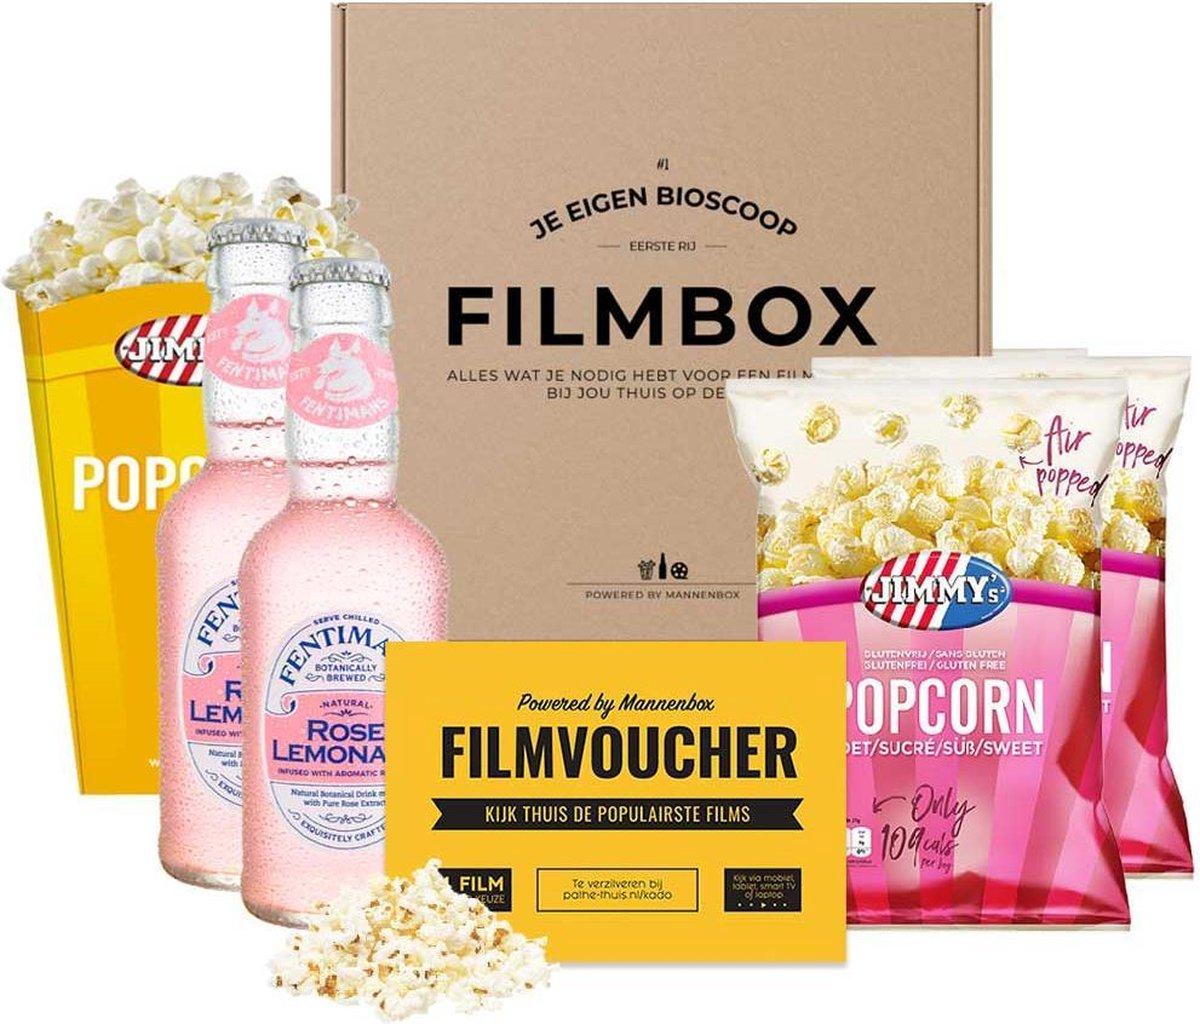 Filmpakket met Rose Lemonade - je eigen thuisbioscoop!   Filmbox   Cadeaupakket voor vrouwen   Roze